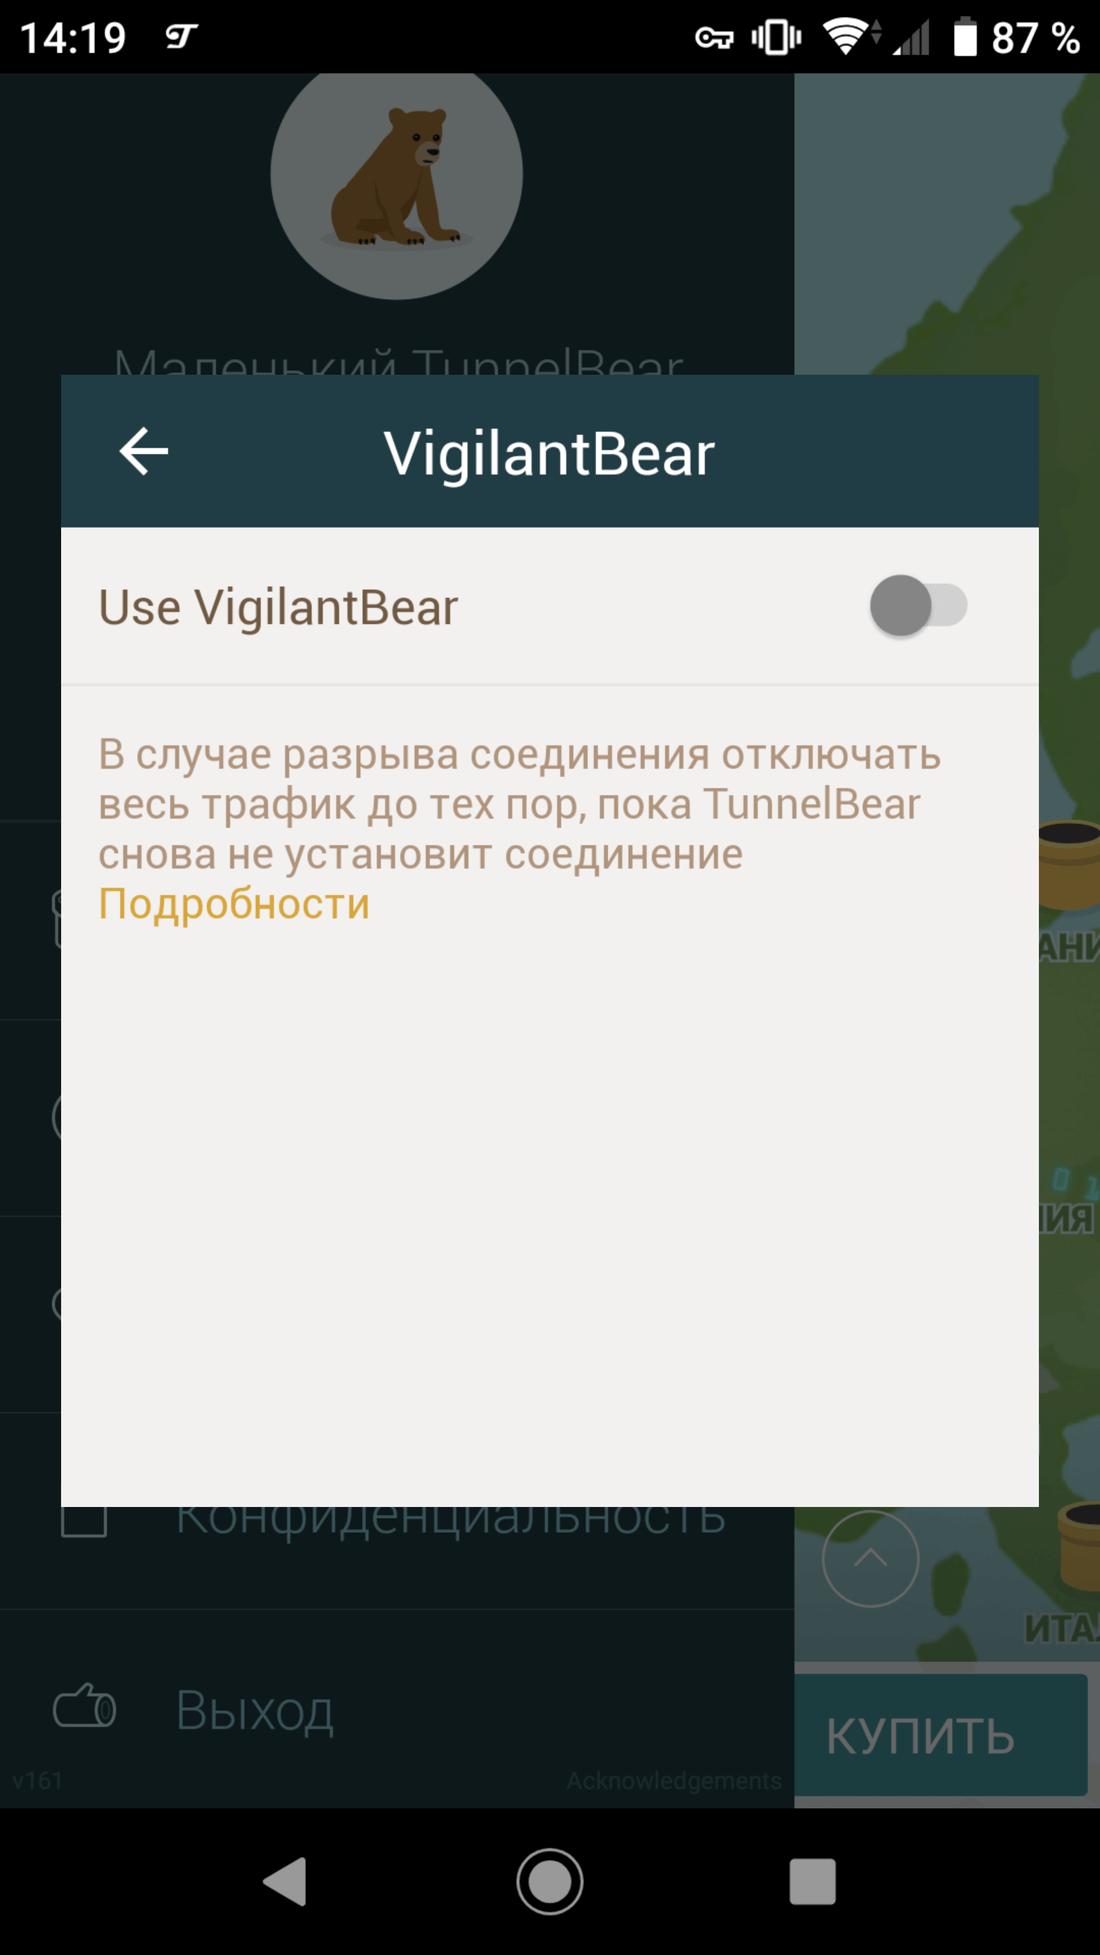 Скриншот #6 из программы TunnelBear VPN